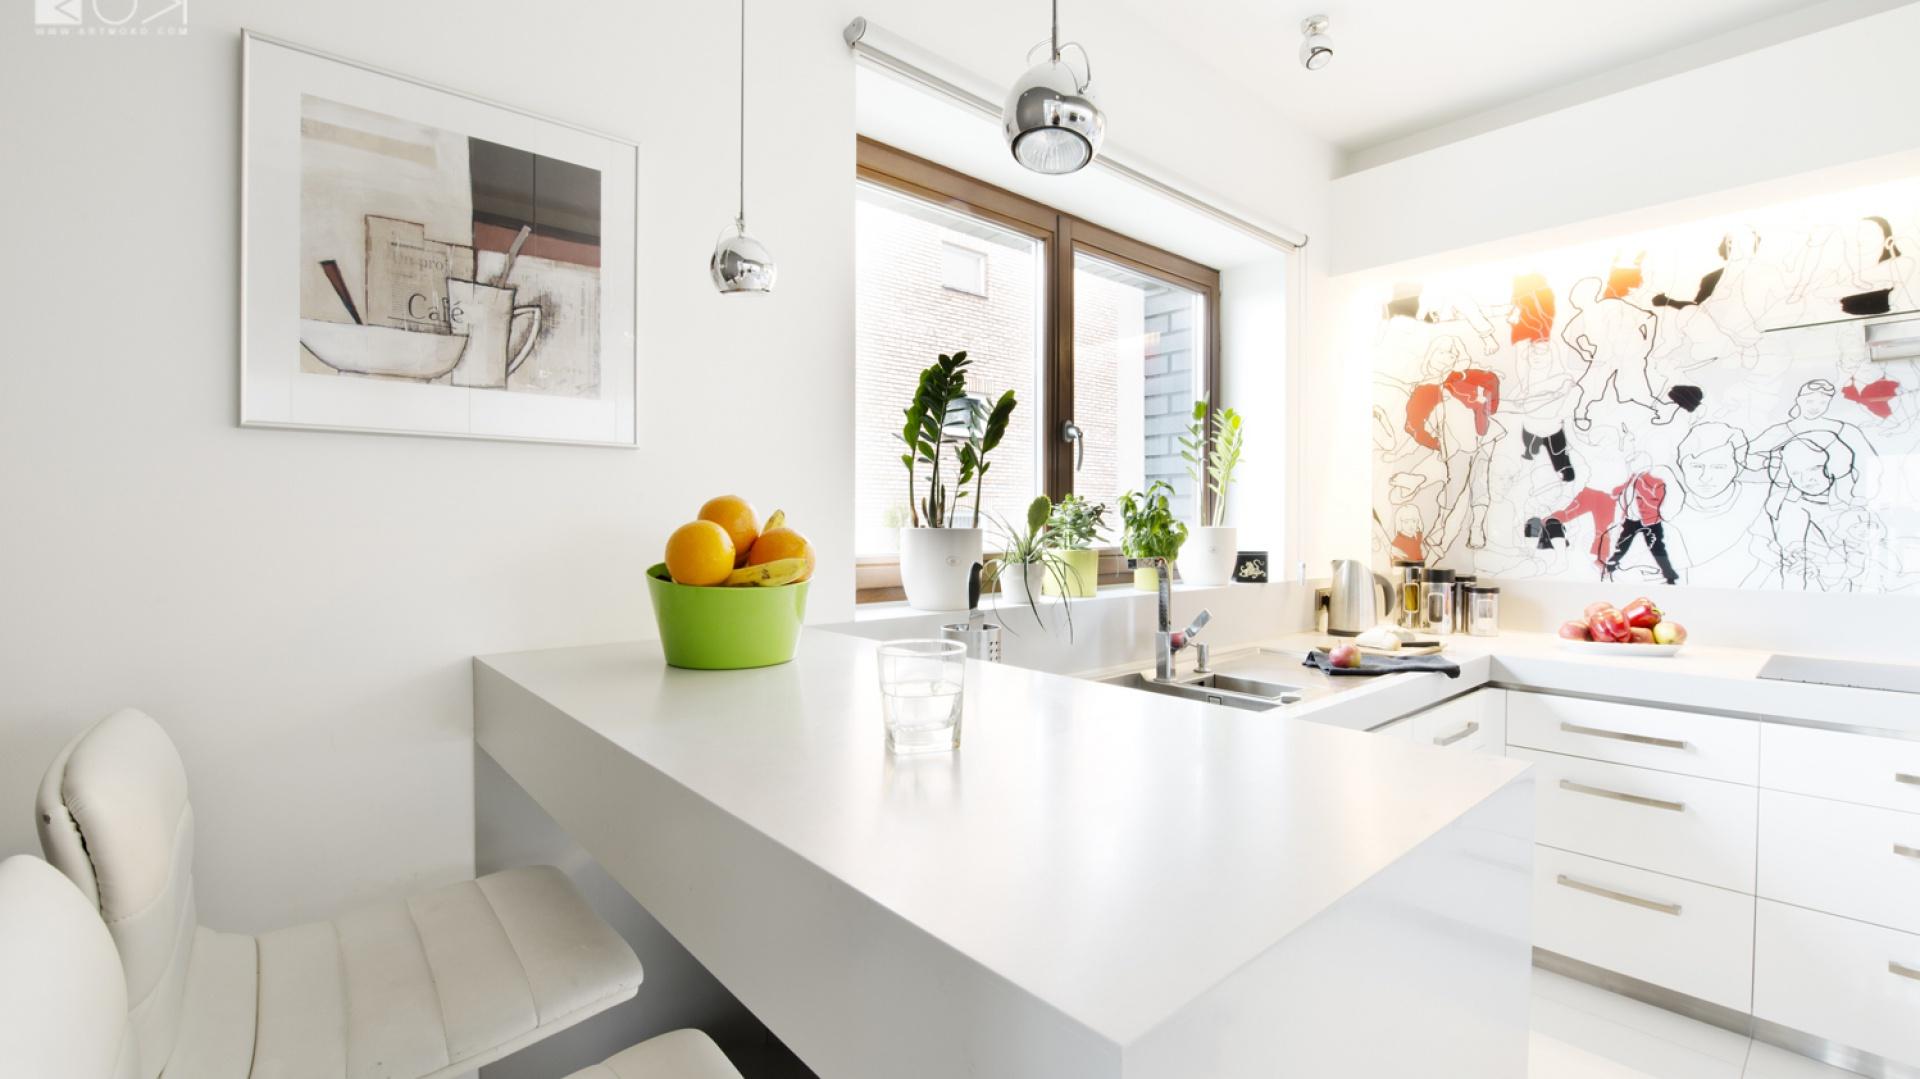 W kuchni przełamano biel i stal kolorową grafiką, która każdego poranka pozytywnie rozbudza domowników. Komplet białych krzeseł wraz ze szklanym stołem zostały usytuowane pomiędzy salonem a kuchnią tworząc przestrzeń jadalni. Realizacja: Monika Skóbel, Pracownia projektowa artMOKO. Fot. Archiconnect.pl